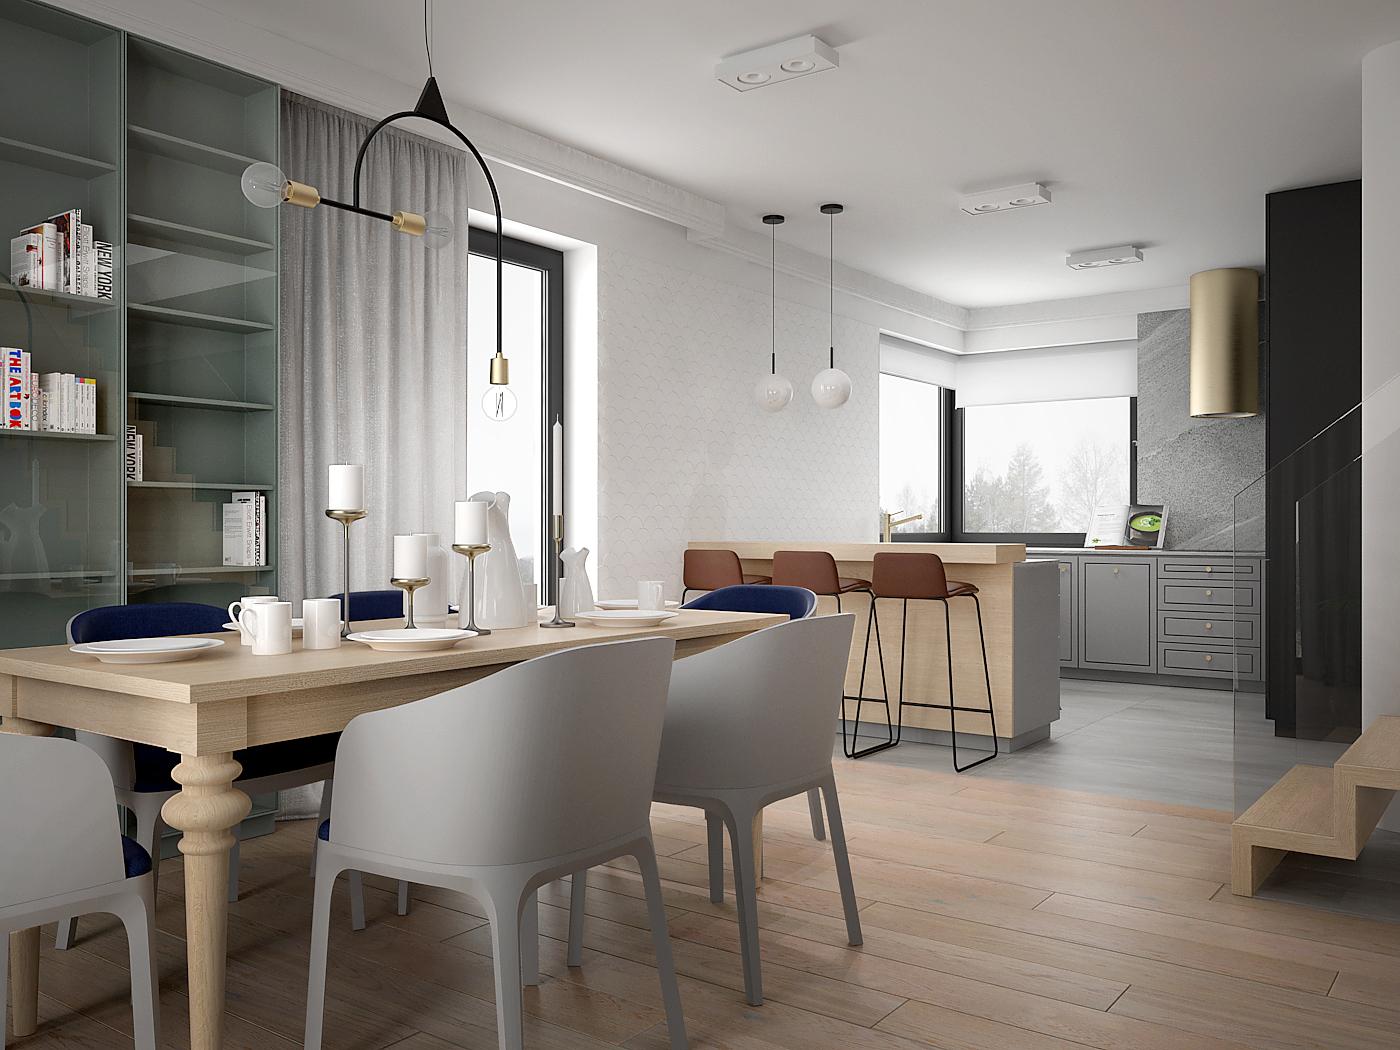 1 architek wnetrz D538 dom nowy sacz jadalnia z kuchnia zloty okap polwyspa klasyczny drewniany stol